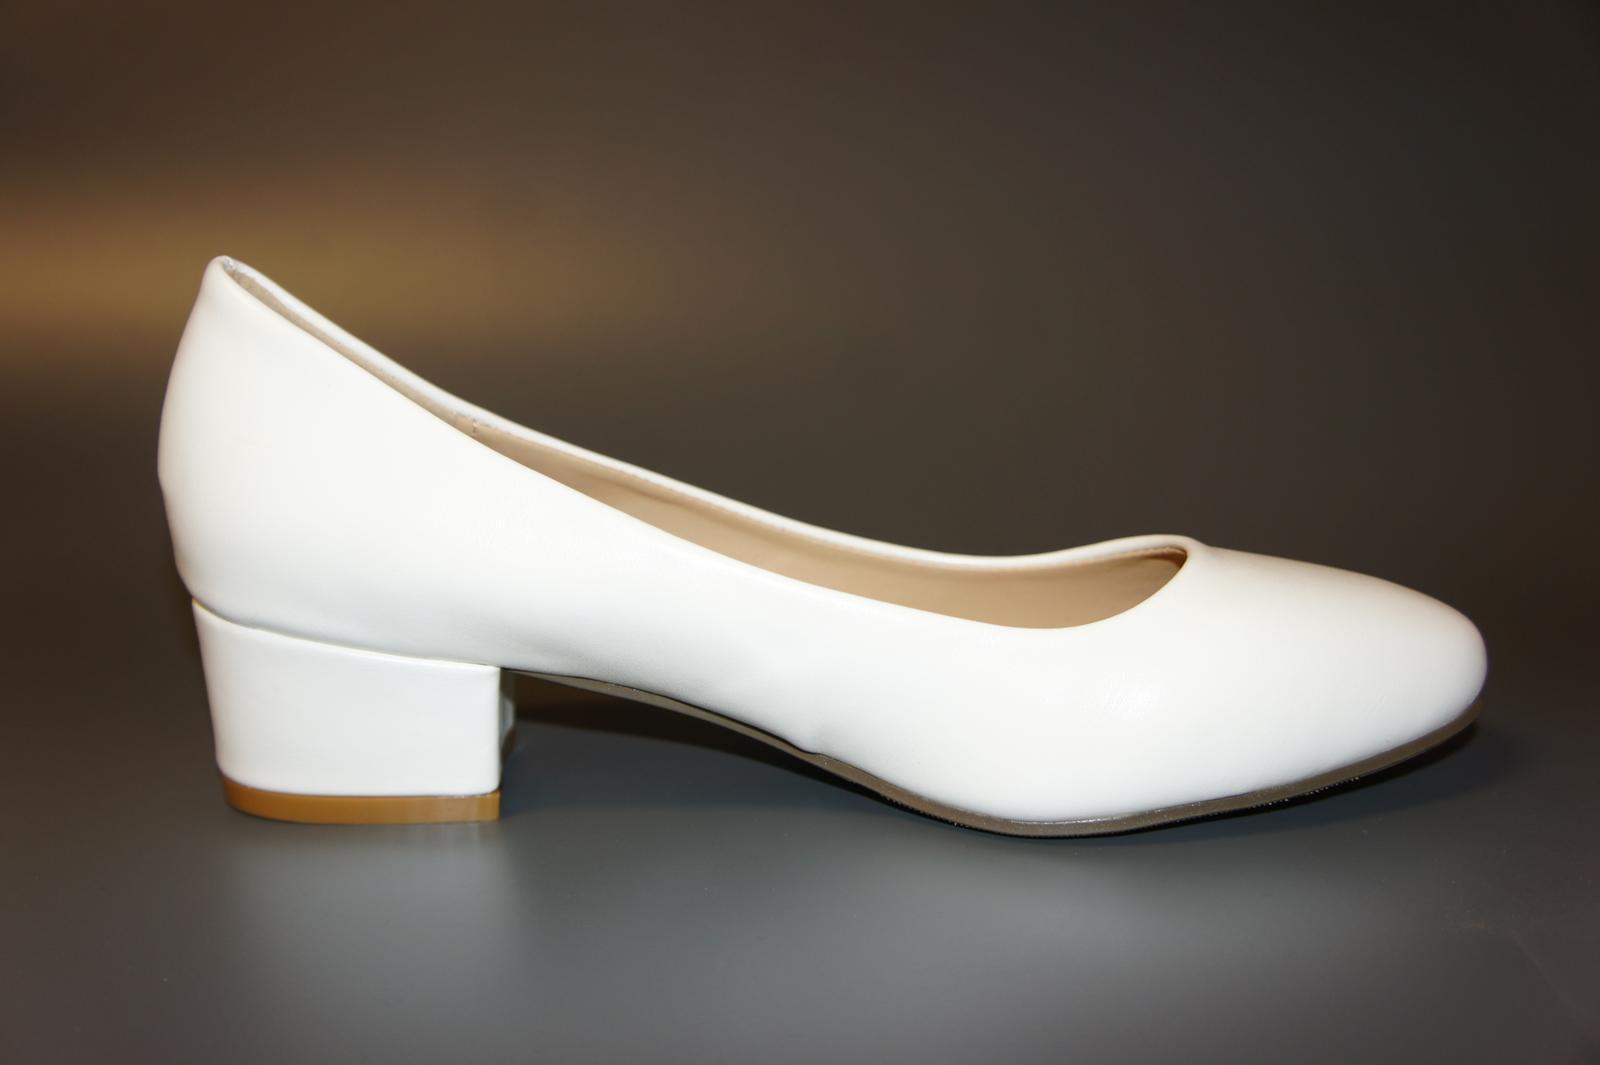 Svatební lodičky ve vel.38 na širším podpatku jsou nyní zlevněny na 500 Kč - Tyto boty ve vel.38 jsou dočasně zlevněny na 500 Kč.